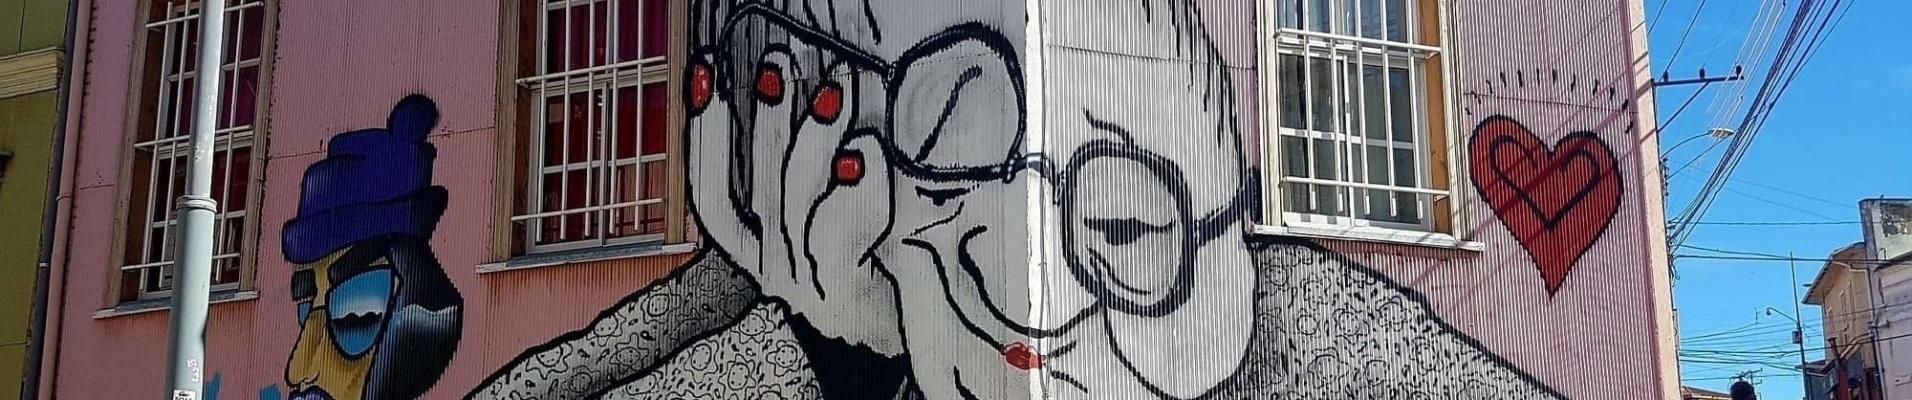 Voyage de noce au Chili : découvrez Valparaiso et son fabuleux street art